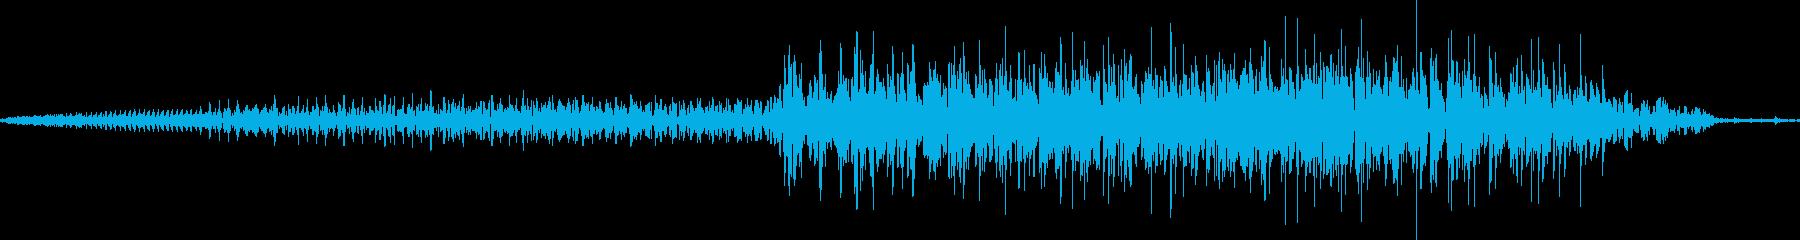 ラクダのうめき声。単一の短いうめき...の再生済みの波形